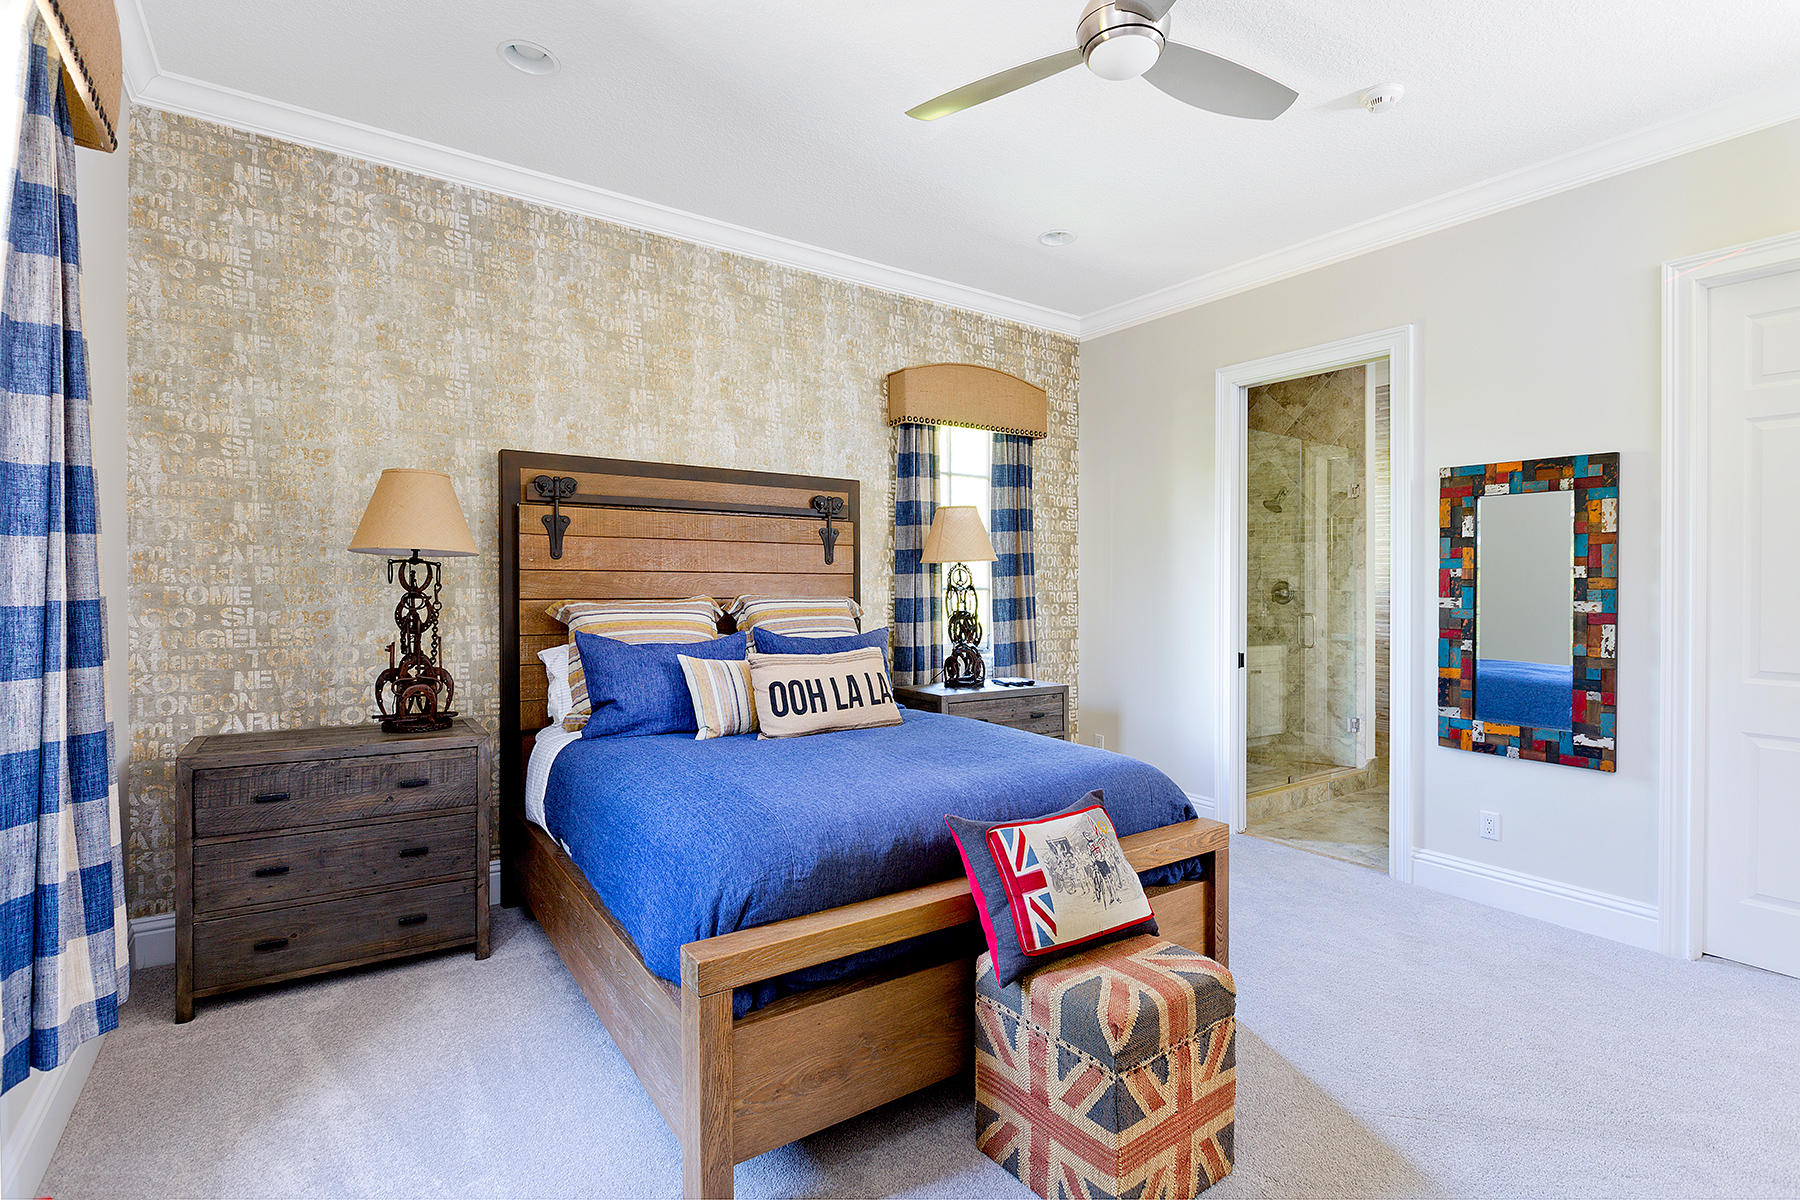 66_Bedroom4_1